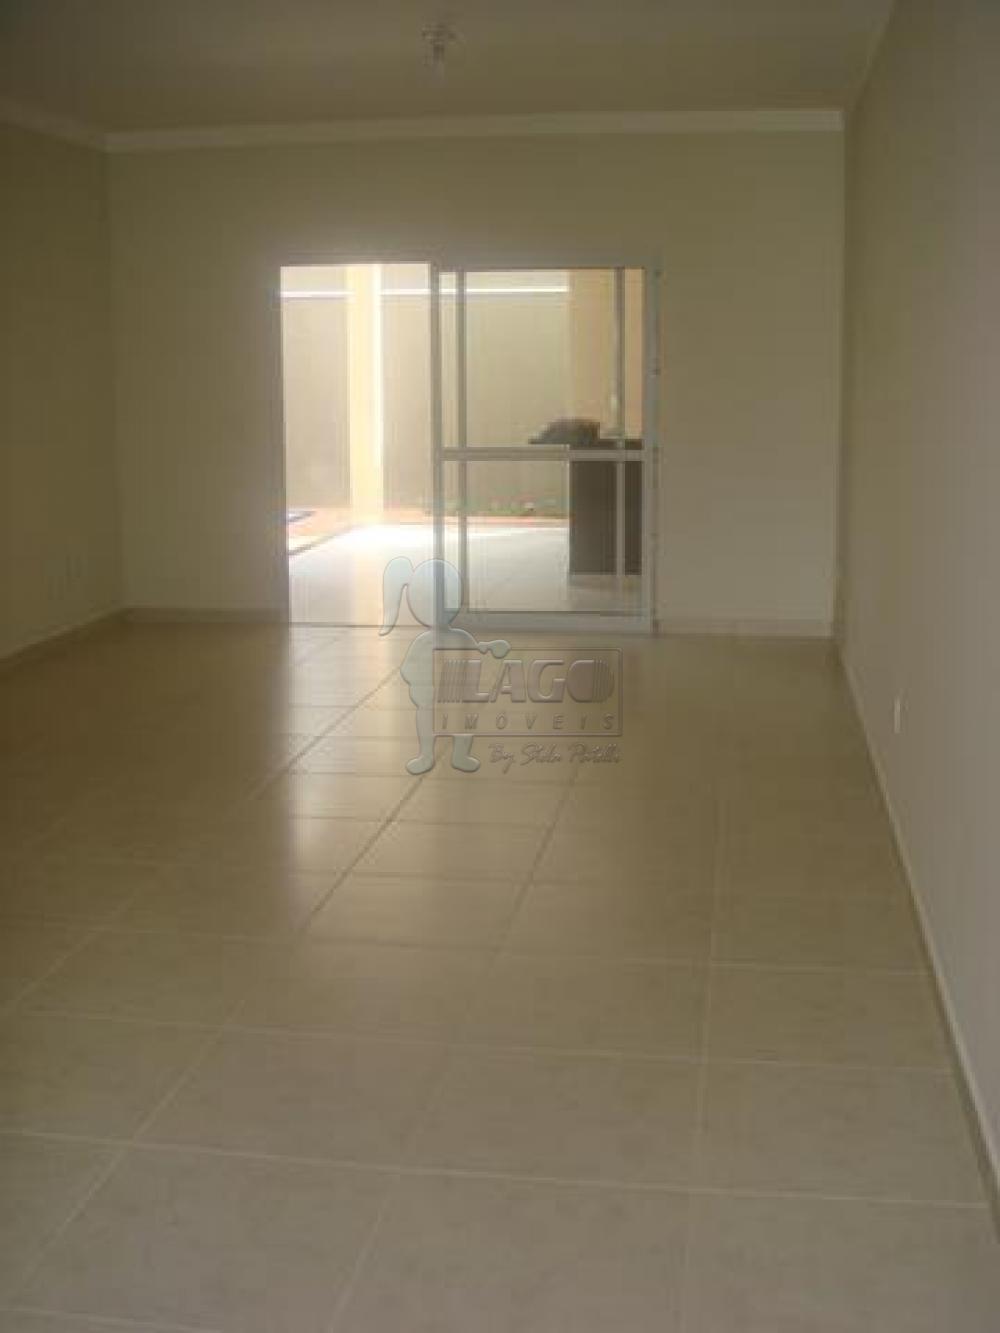 Comprar Casas / Padrão em Bonfim Paulista apenas R$ 500.000,00 - Foto 2